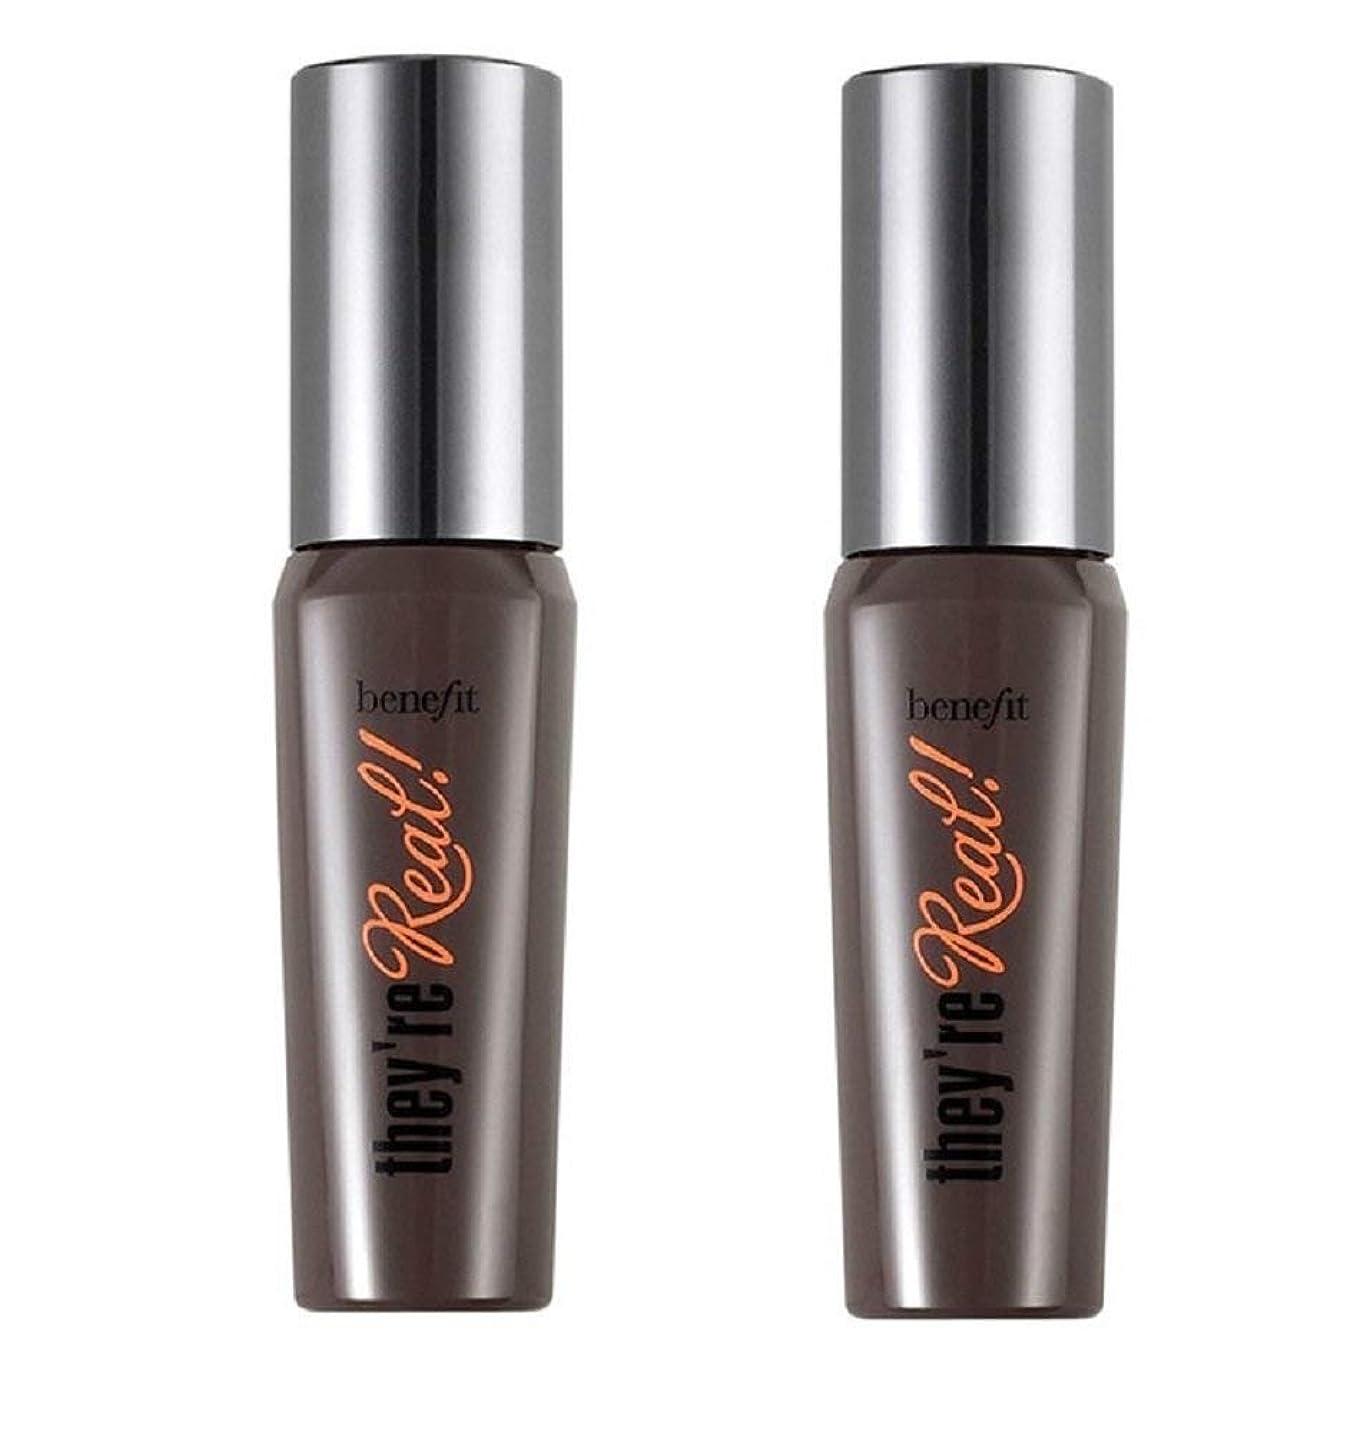 ペデスタル共和国入力Benefit Cosmetics They're Real! Tinted Lash Primer & Mascara Duo, 0.14oz x 2 [並行輸入品]